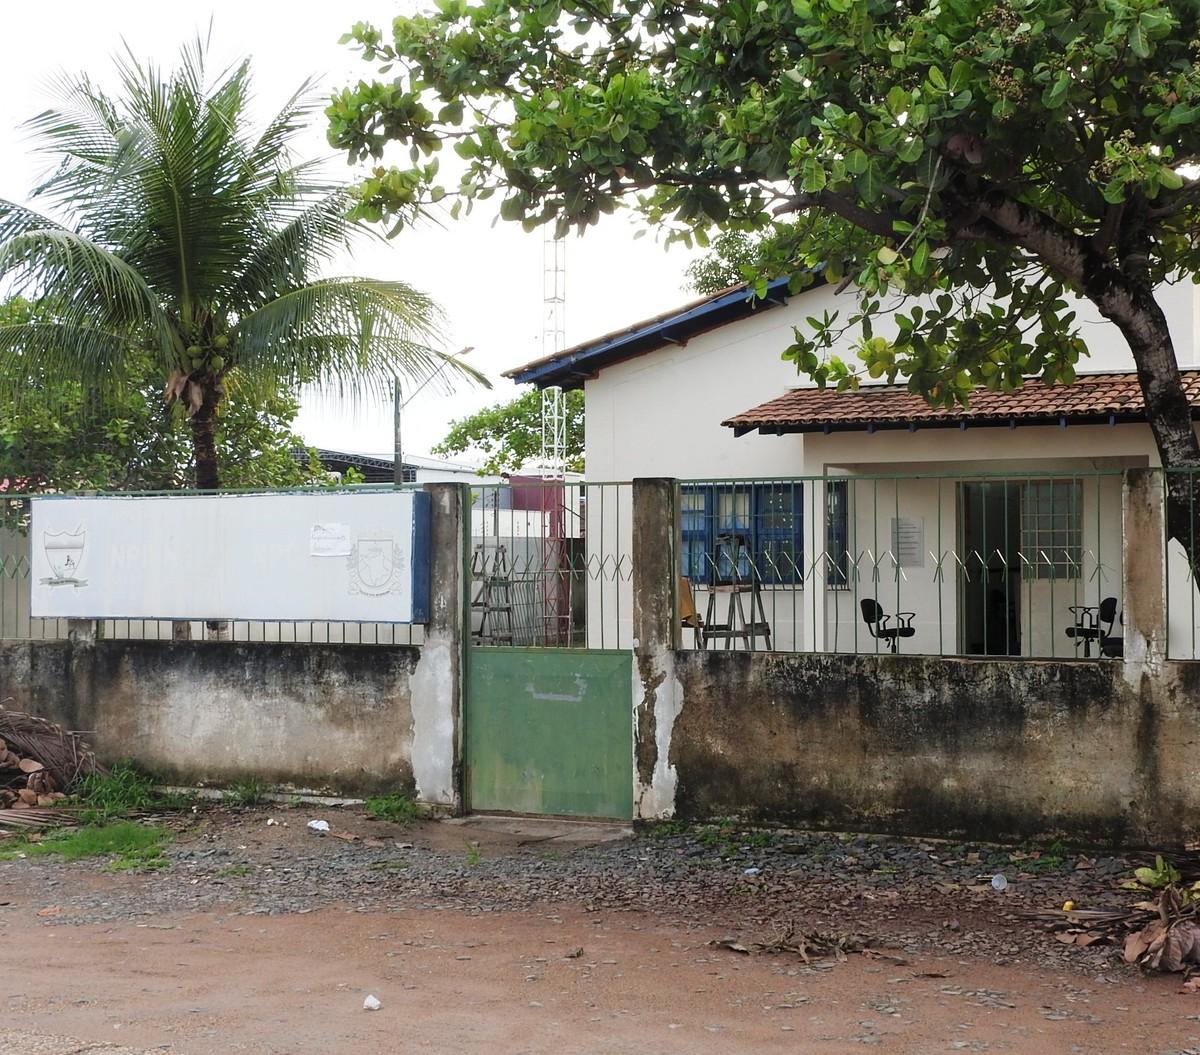 Pedreiro é preso suspeito de estuprar e engravidar prima de 12 anos em Boa Vista